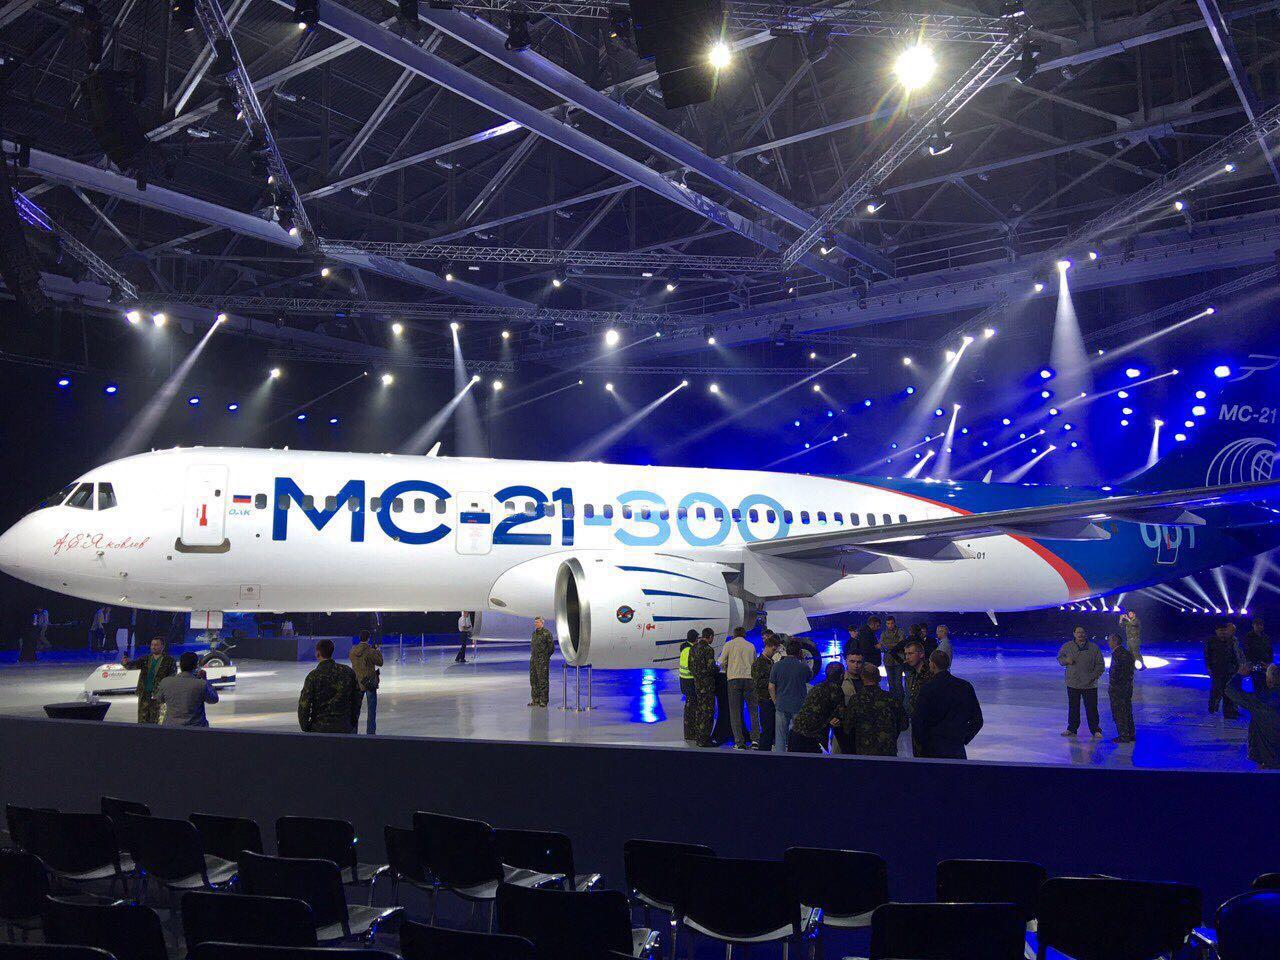 Демонстрационный образец самолета МС-21 (Як-242)